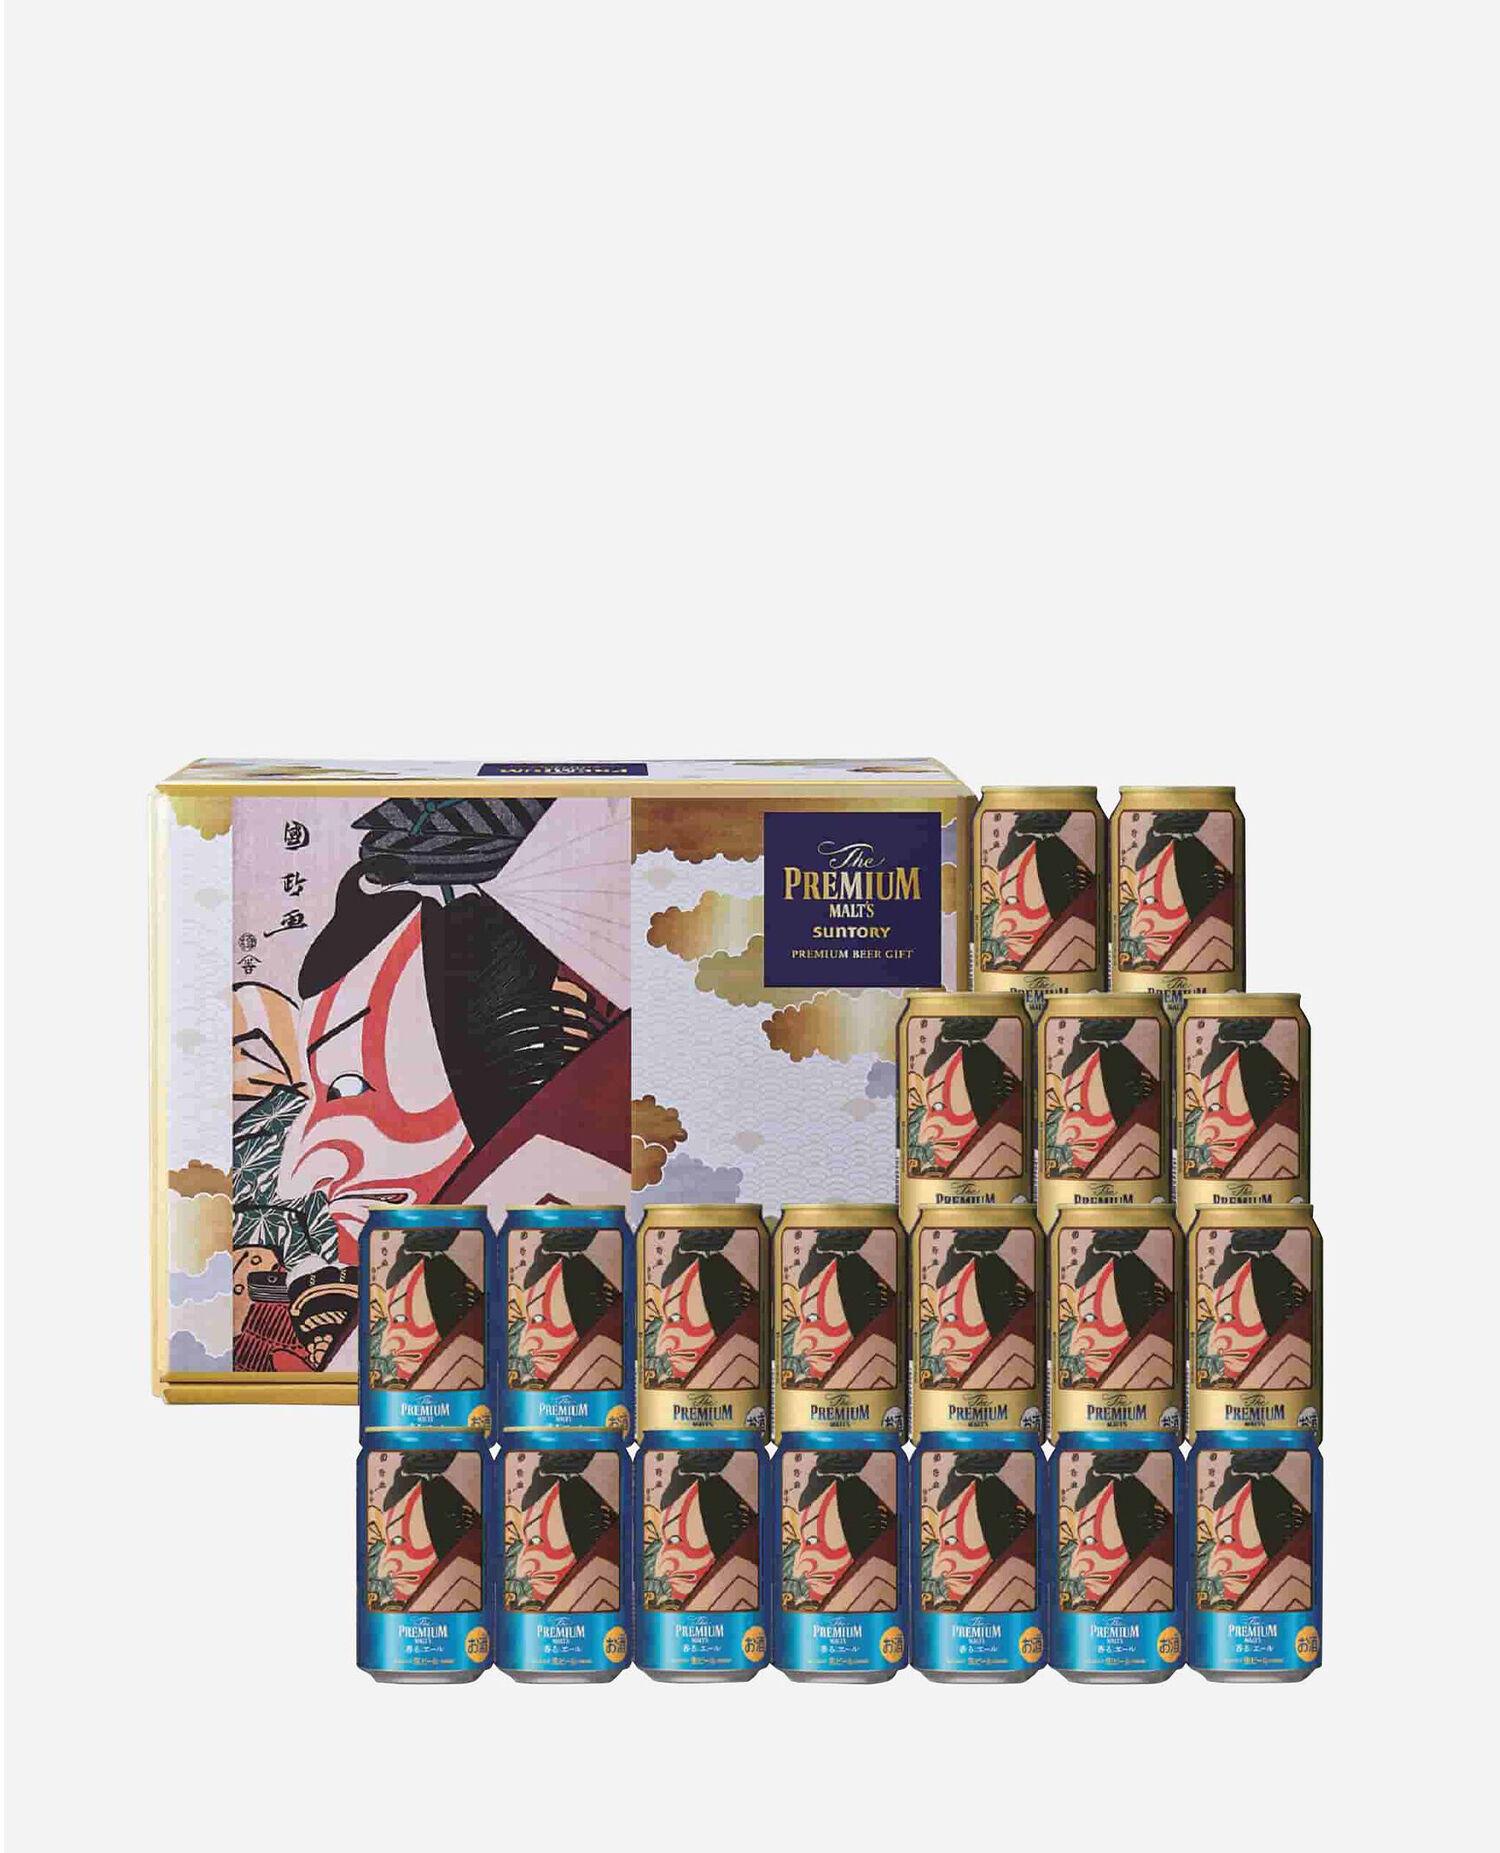 〈サントリー〉市川鰕蔵の暫(碓井荒太郎貞光) ザ・プレミアム・モルツダブルセット BPJ5MP